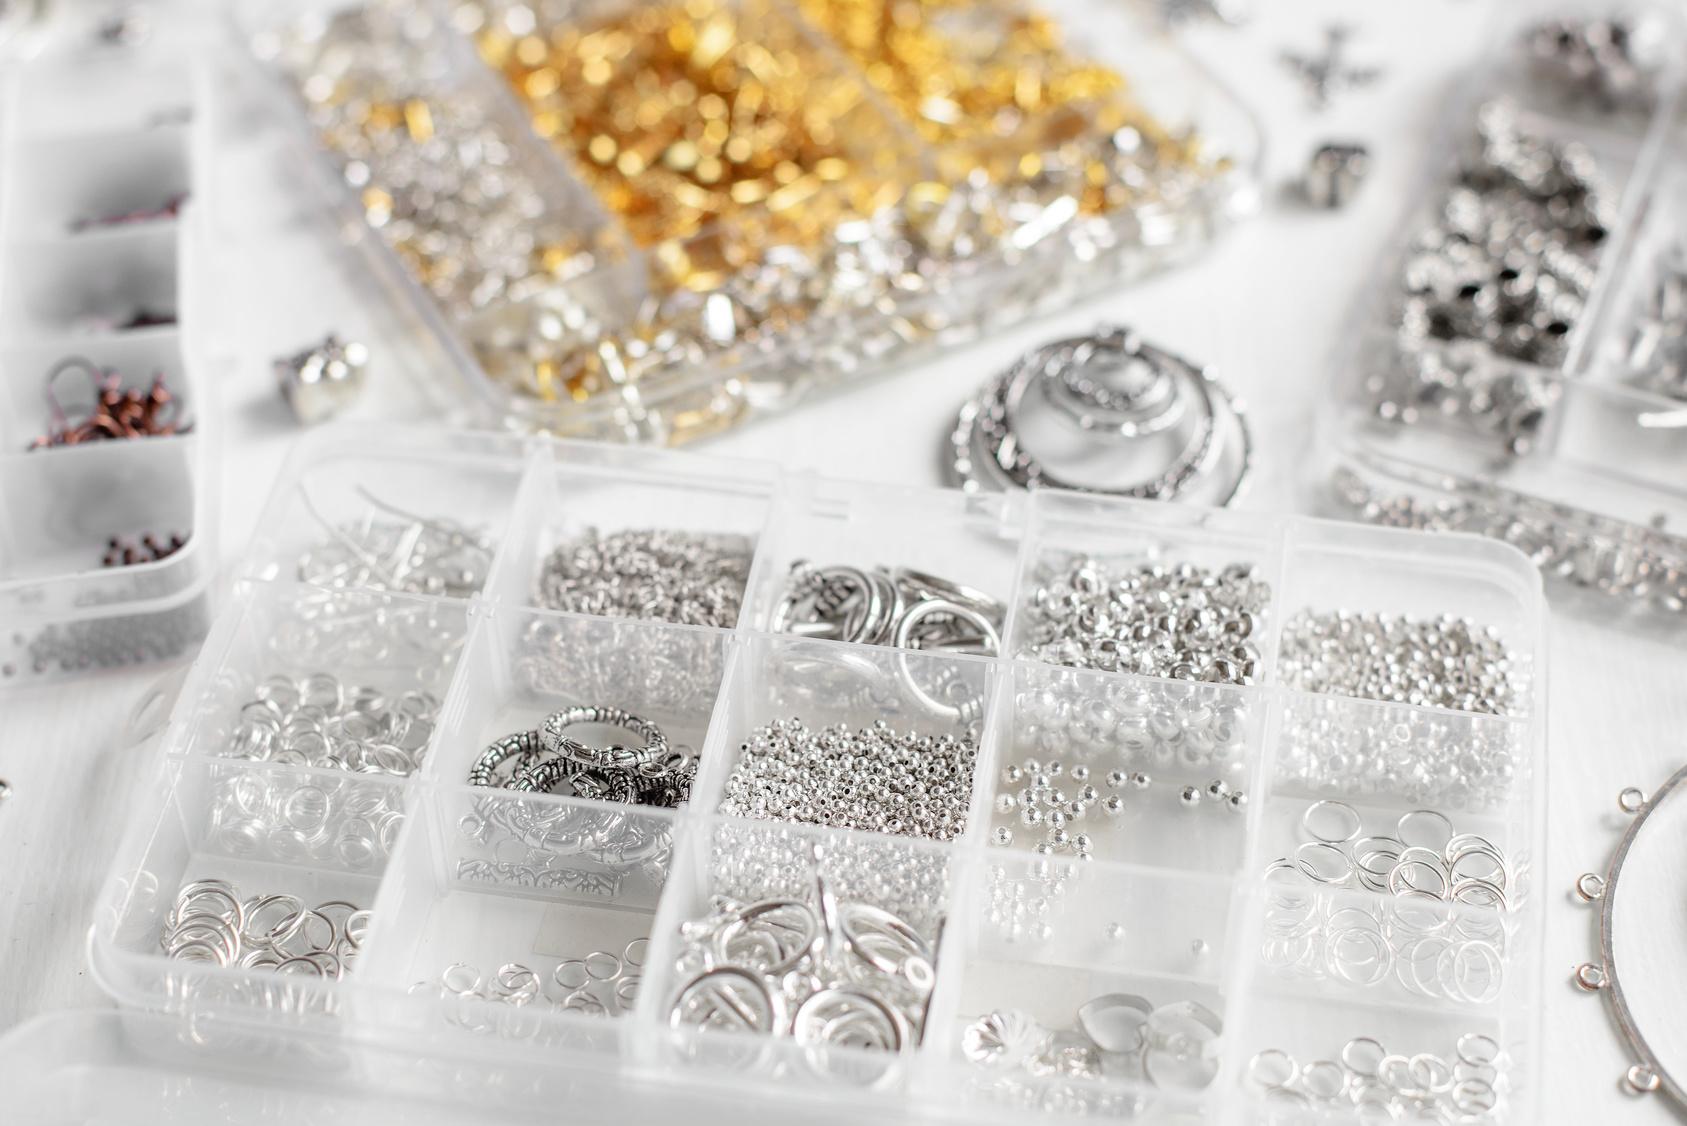 Półfabrykaty do biżuterii – Poradnik dla  początkujących